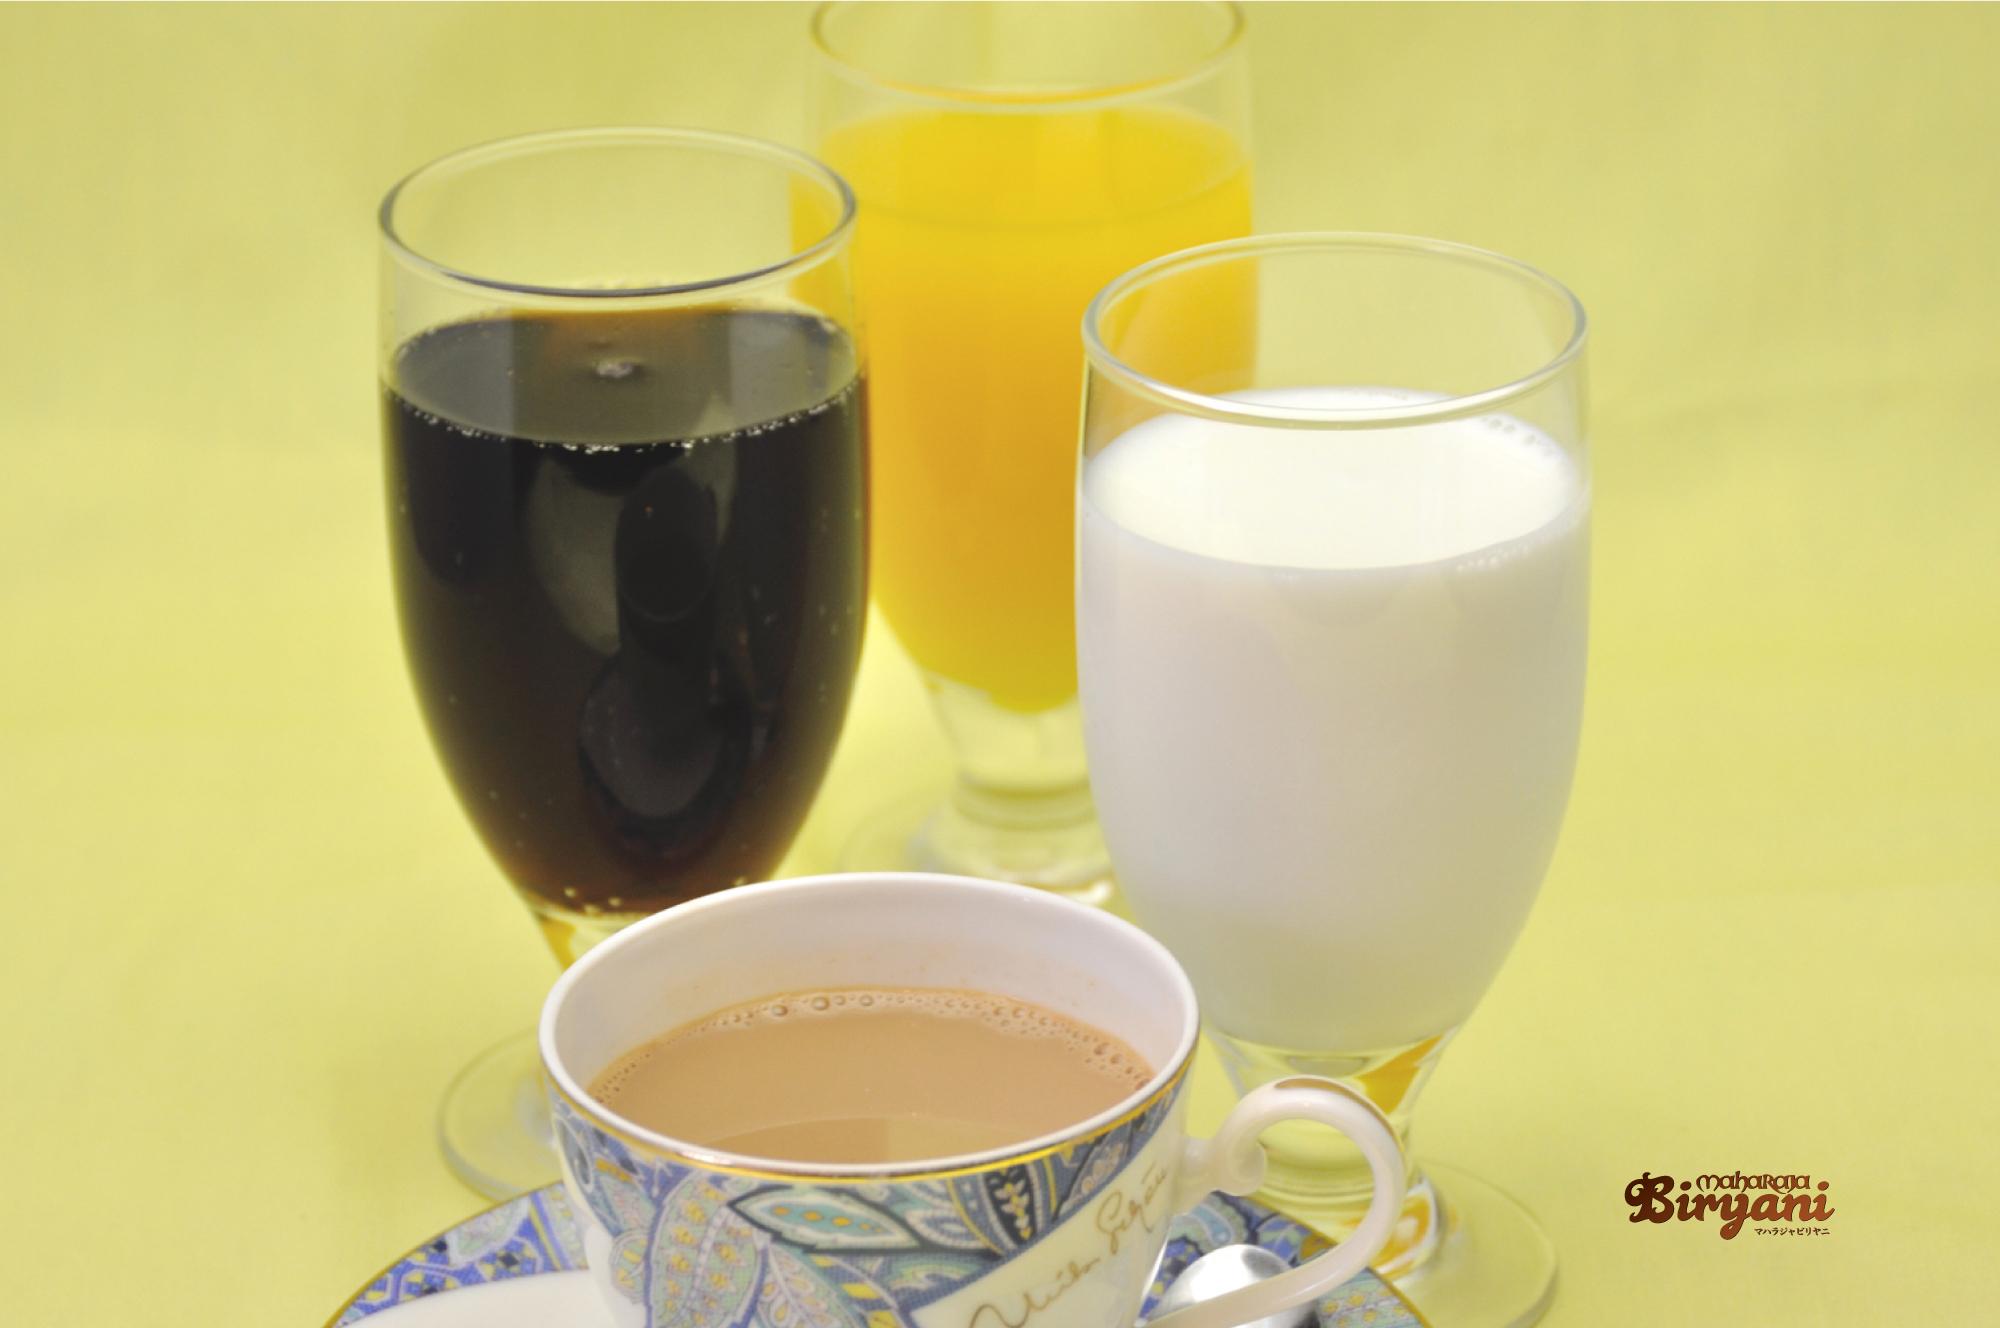 コーラ オレンジジュース コーヒー